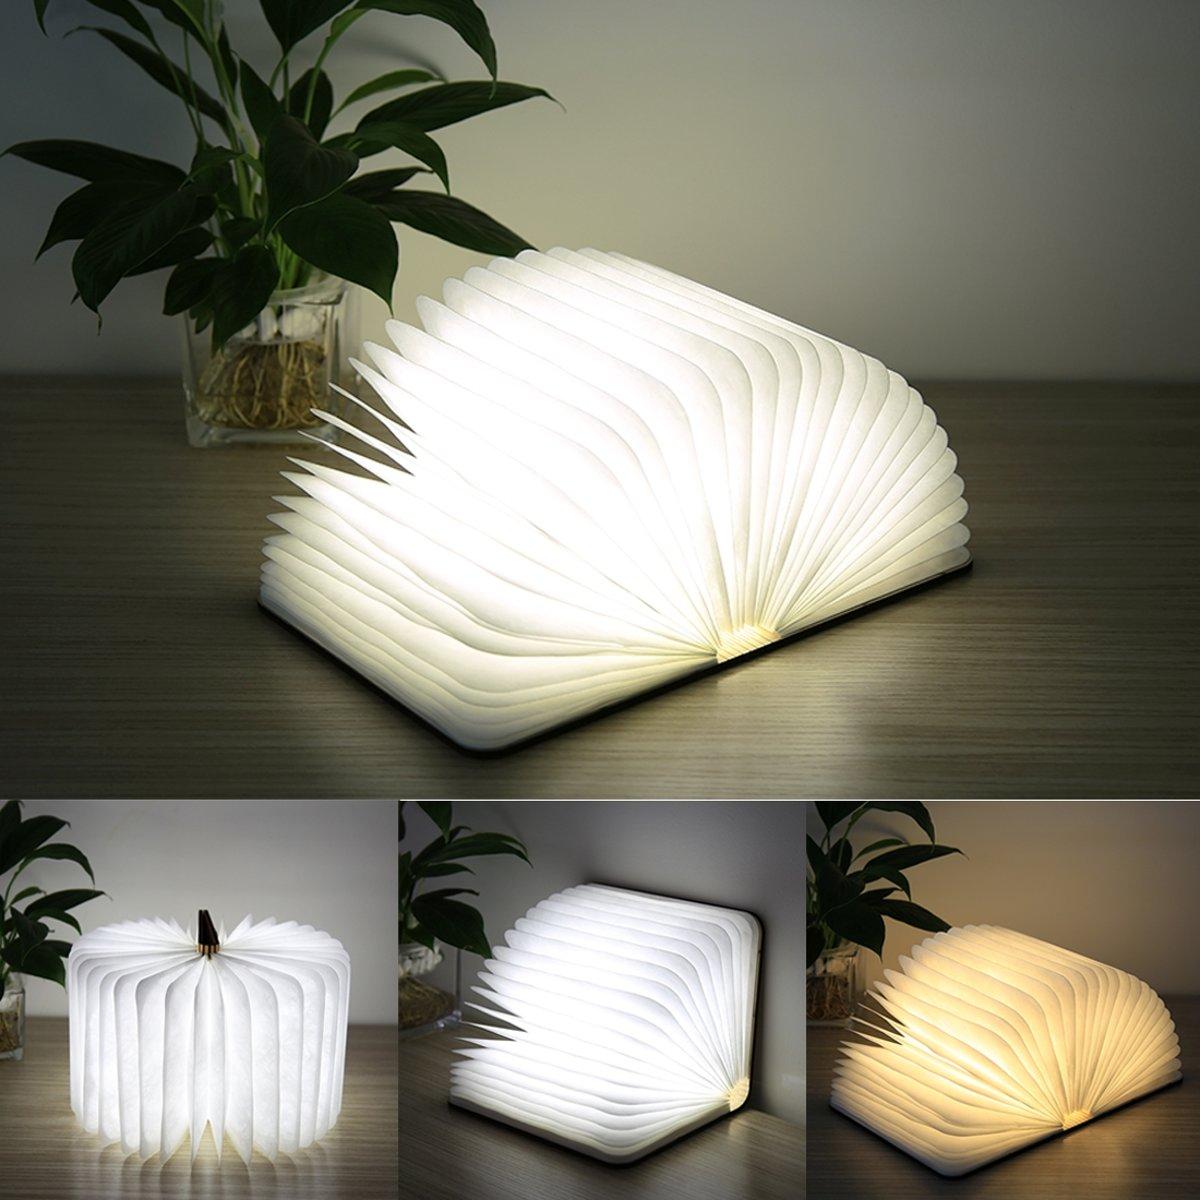 Creatieve LED Flip Origami boek Lamp Nachtlichtjes  Warm wit licht + wit licht  FS-LED01 500 lumen kopen